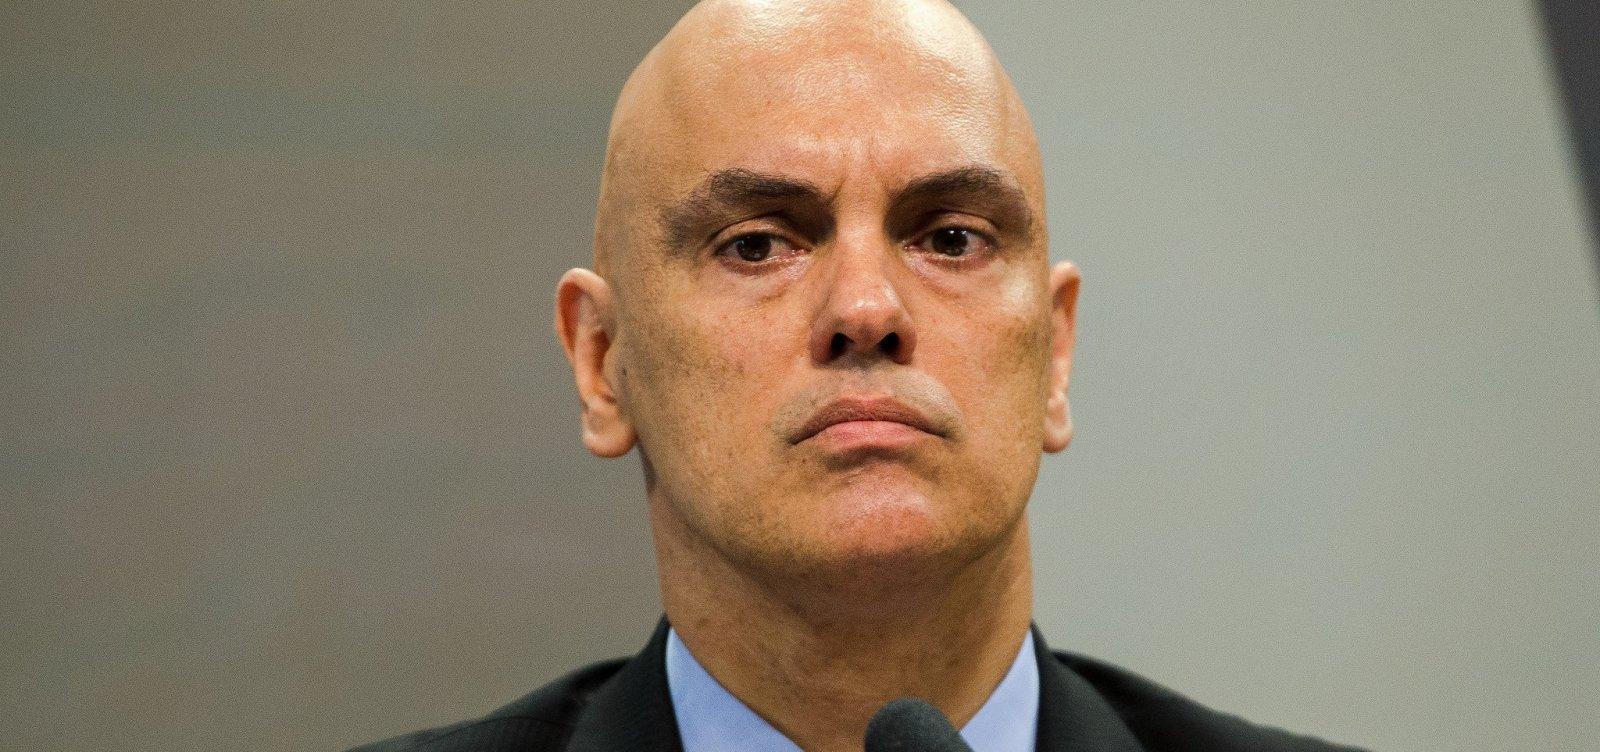 Não tem como controlar fake news espalhadas no WhatsApp, diz Moraes